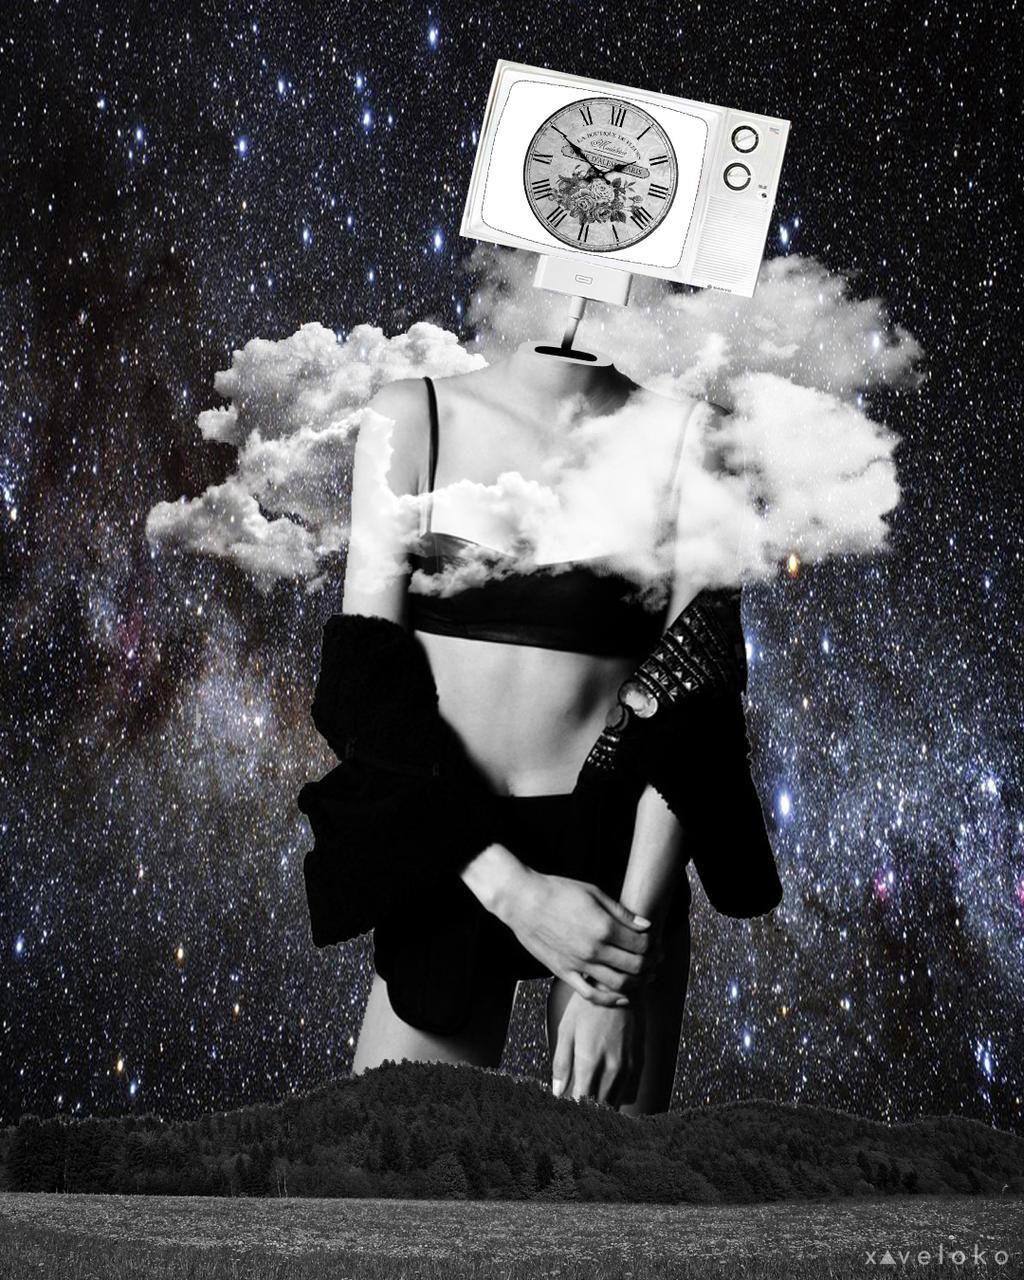 Nature Clock by xavierlokollo